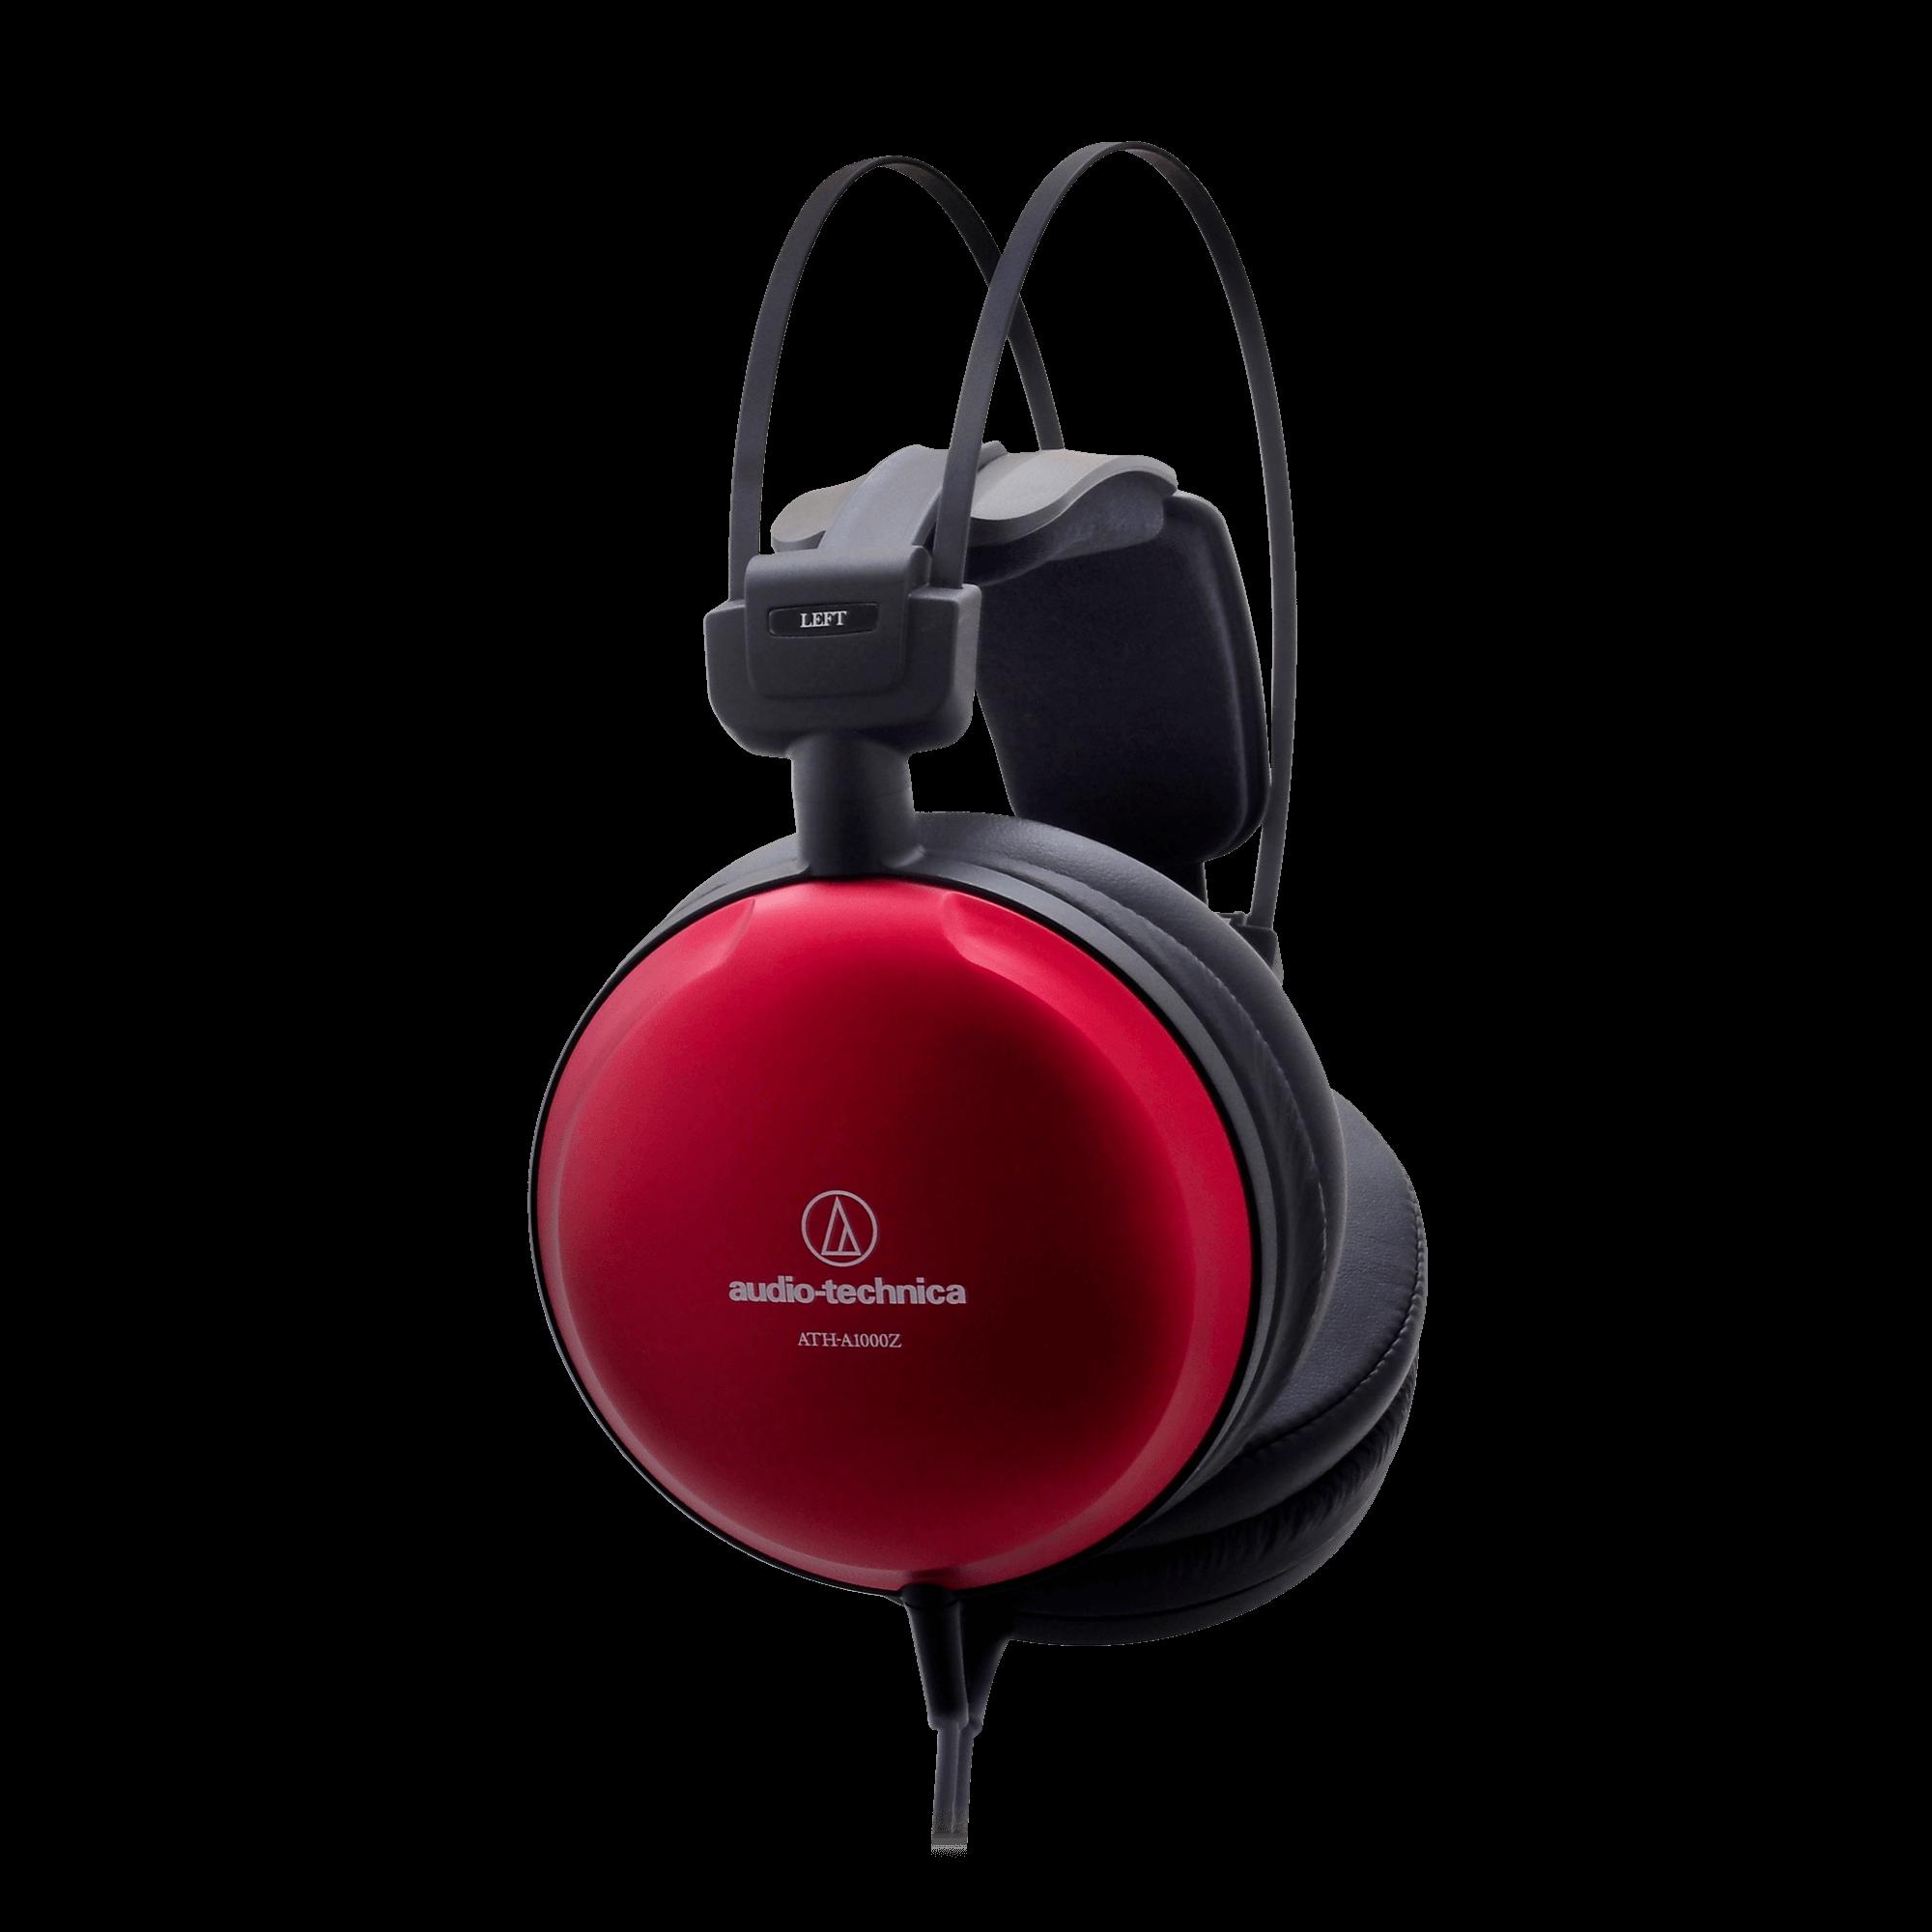 Descripción Auriculares Audio-Technica ATH-A1000Z